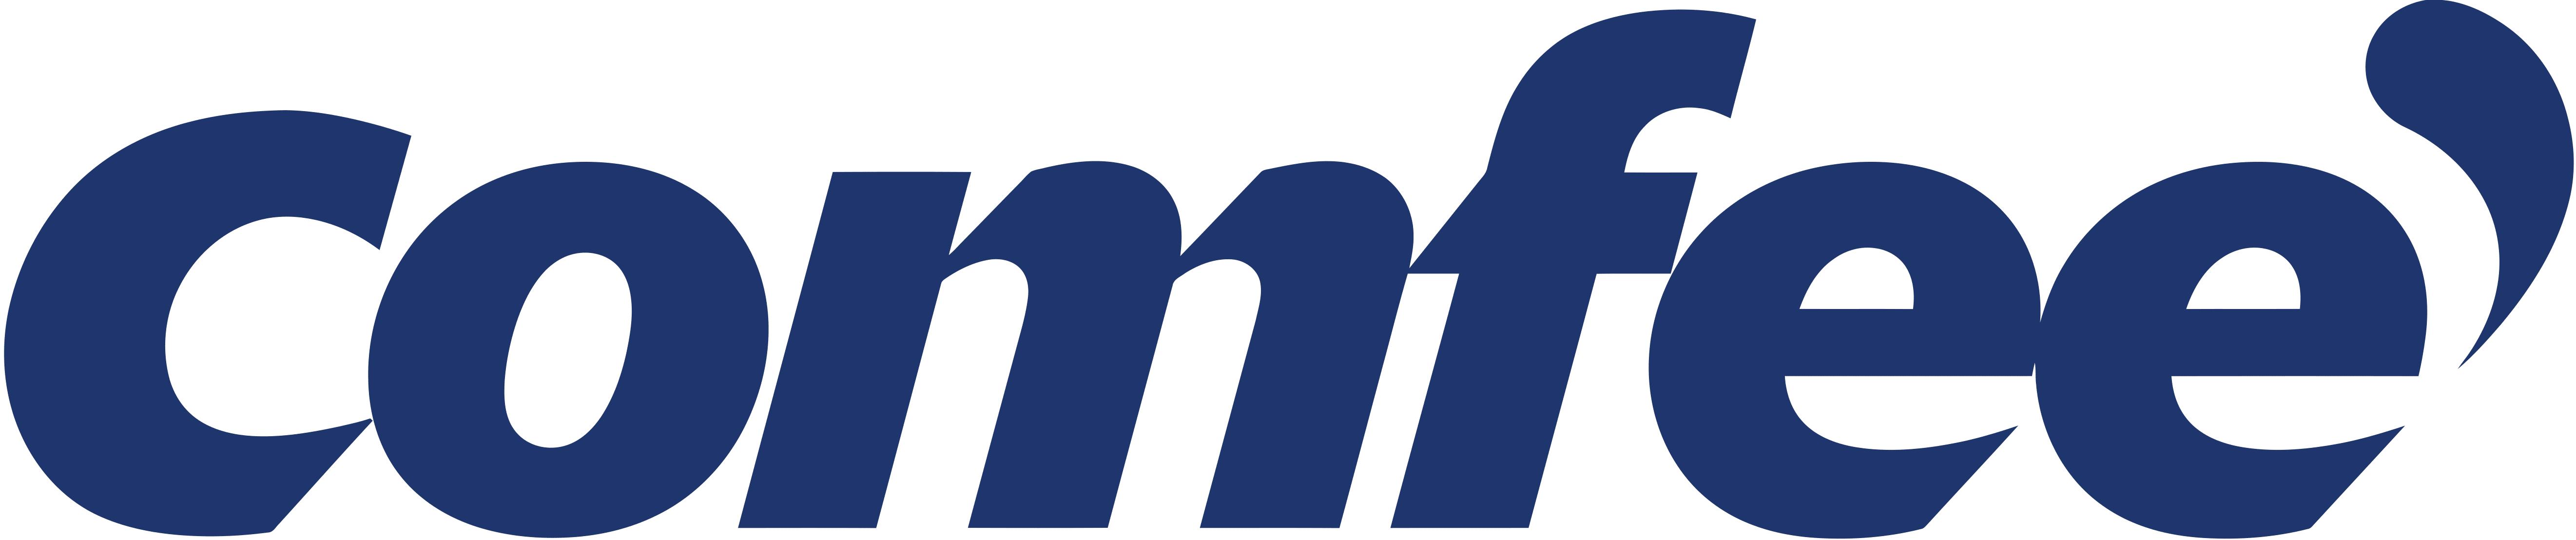 MC_Comfee